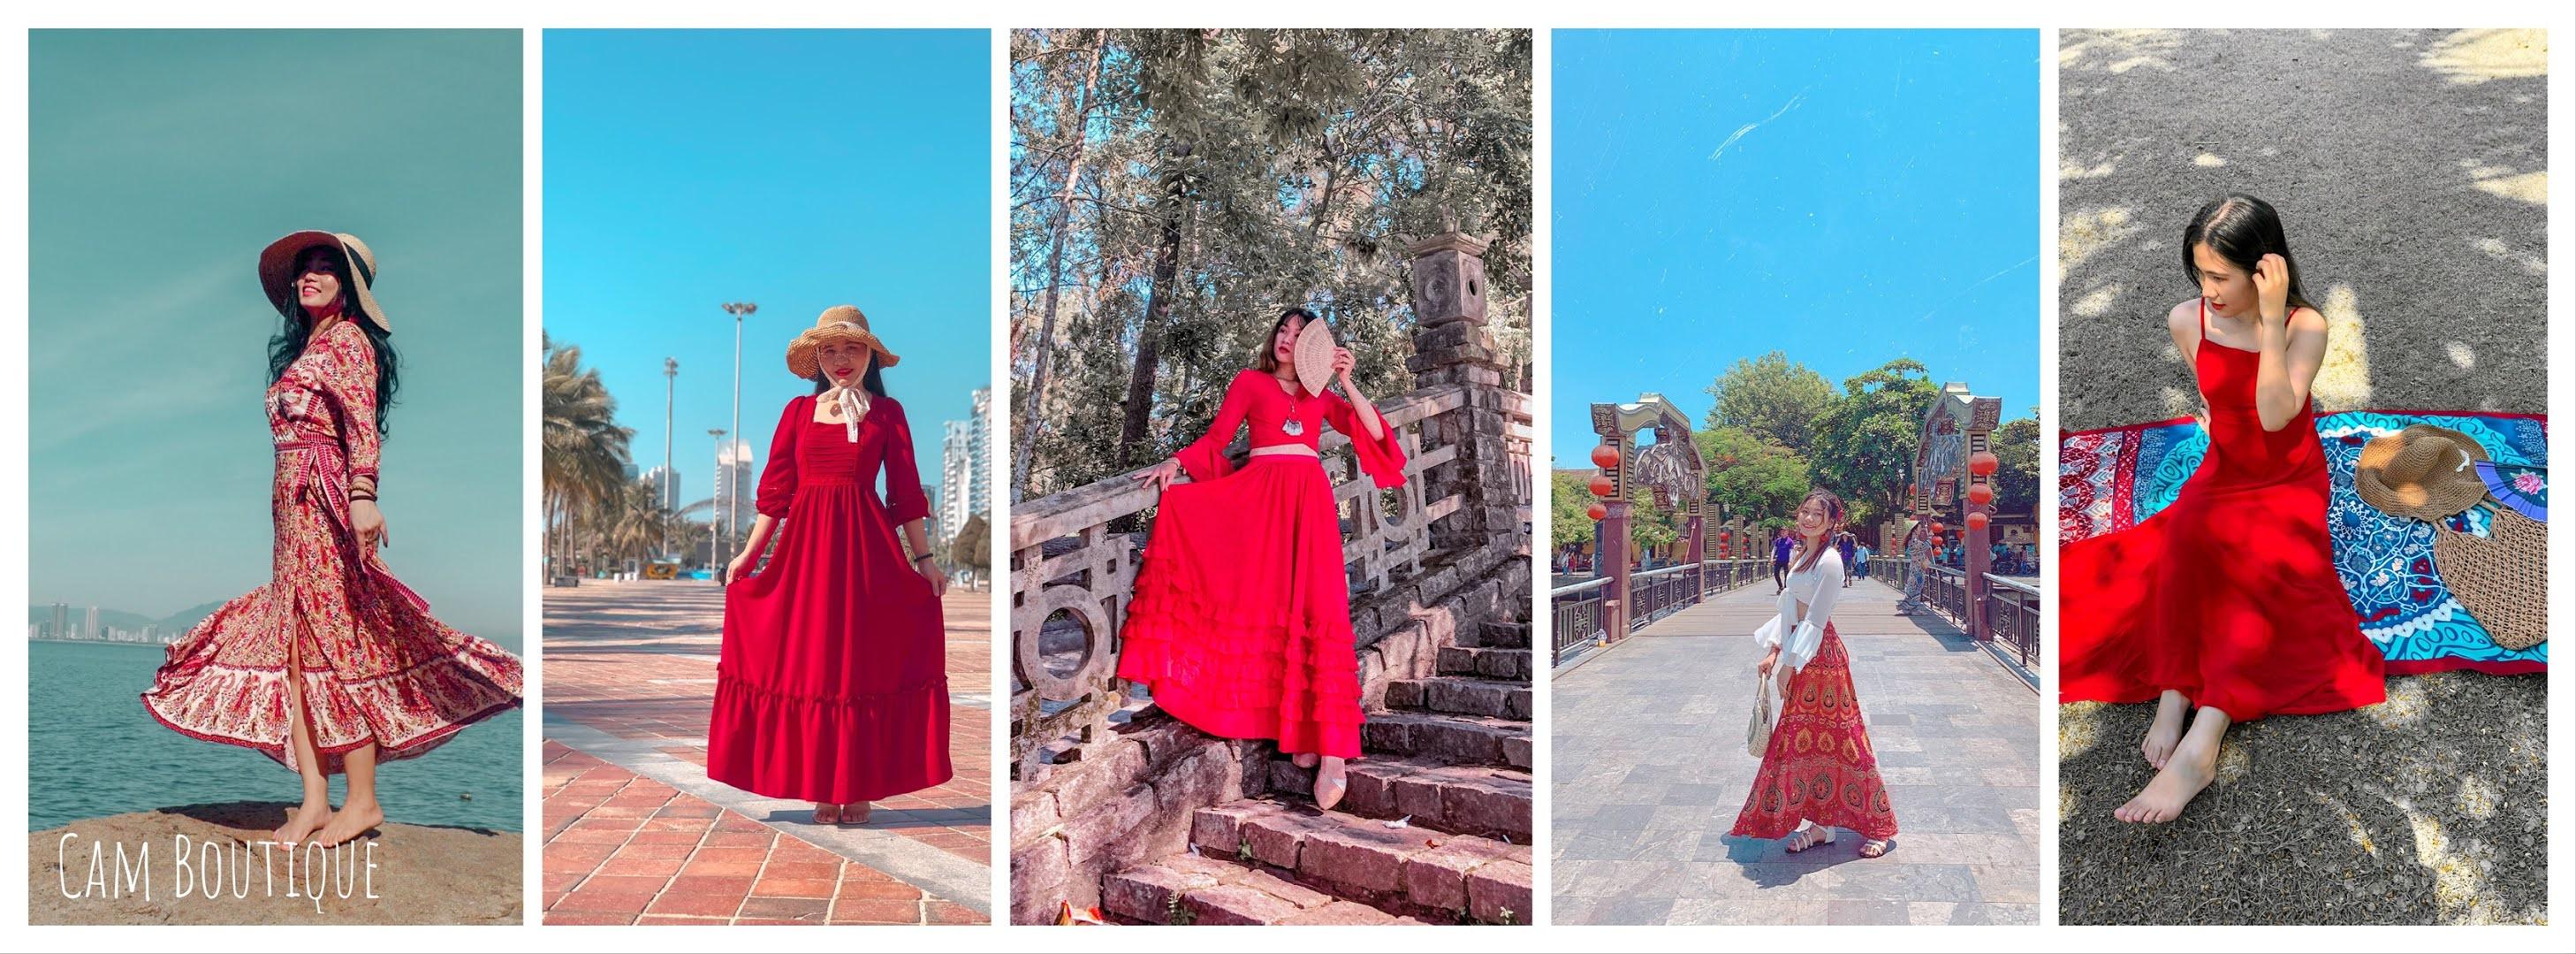 Cam Boutique - Chuyên bán và cho thuê áo dài, đầm váy du lịch, sự kiện Đà Nẵng, Hội An